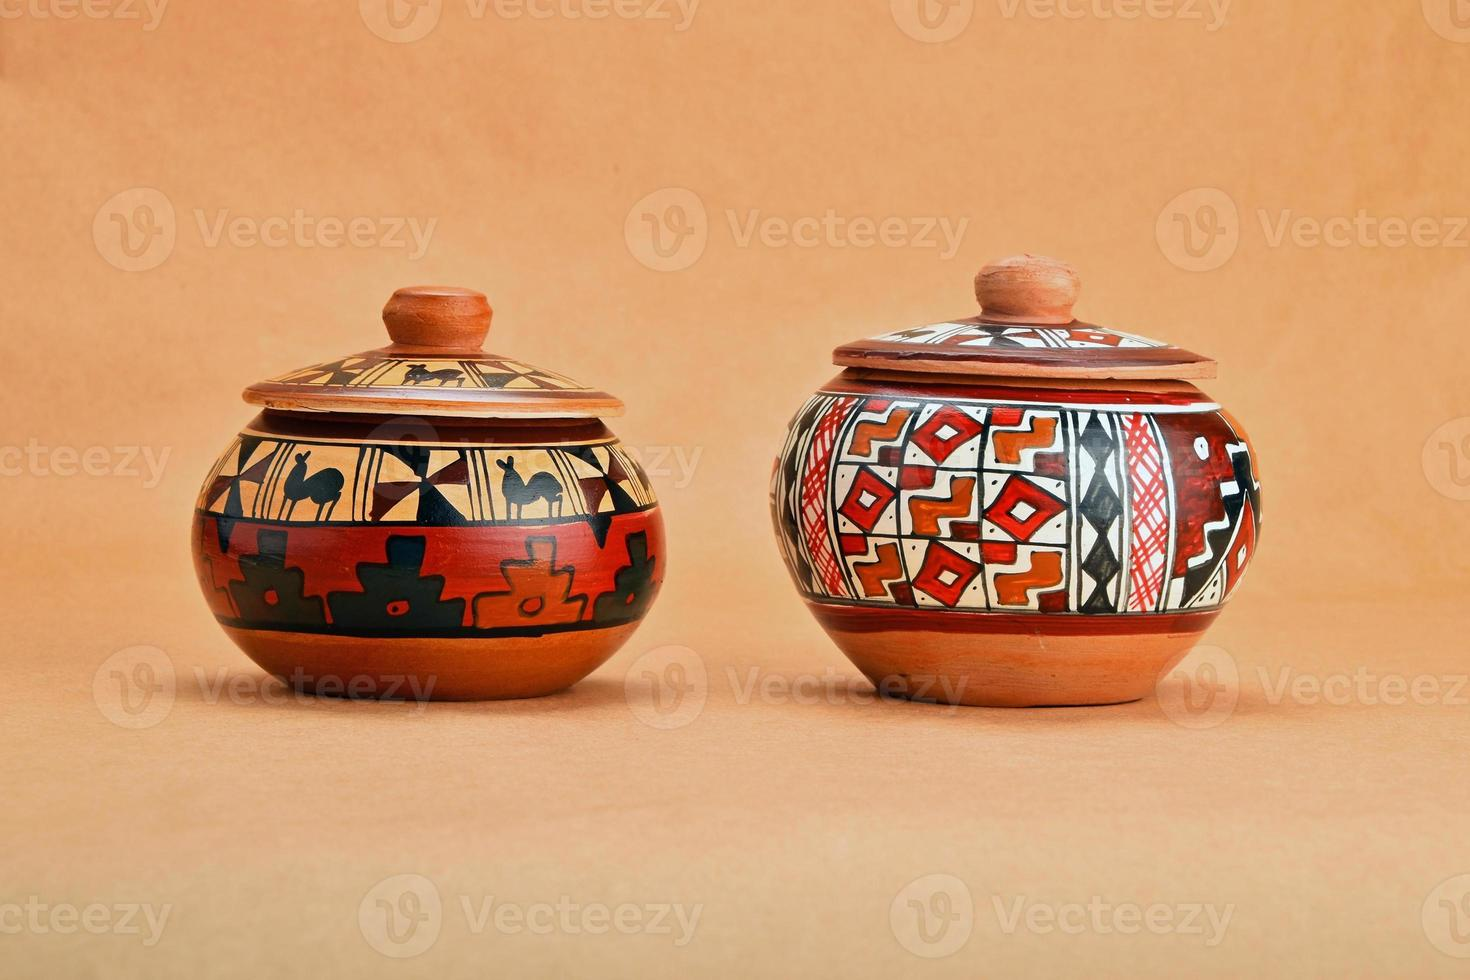 dois pote de cerâmica artesanal pintado com tampas em papel kraft foto